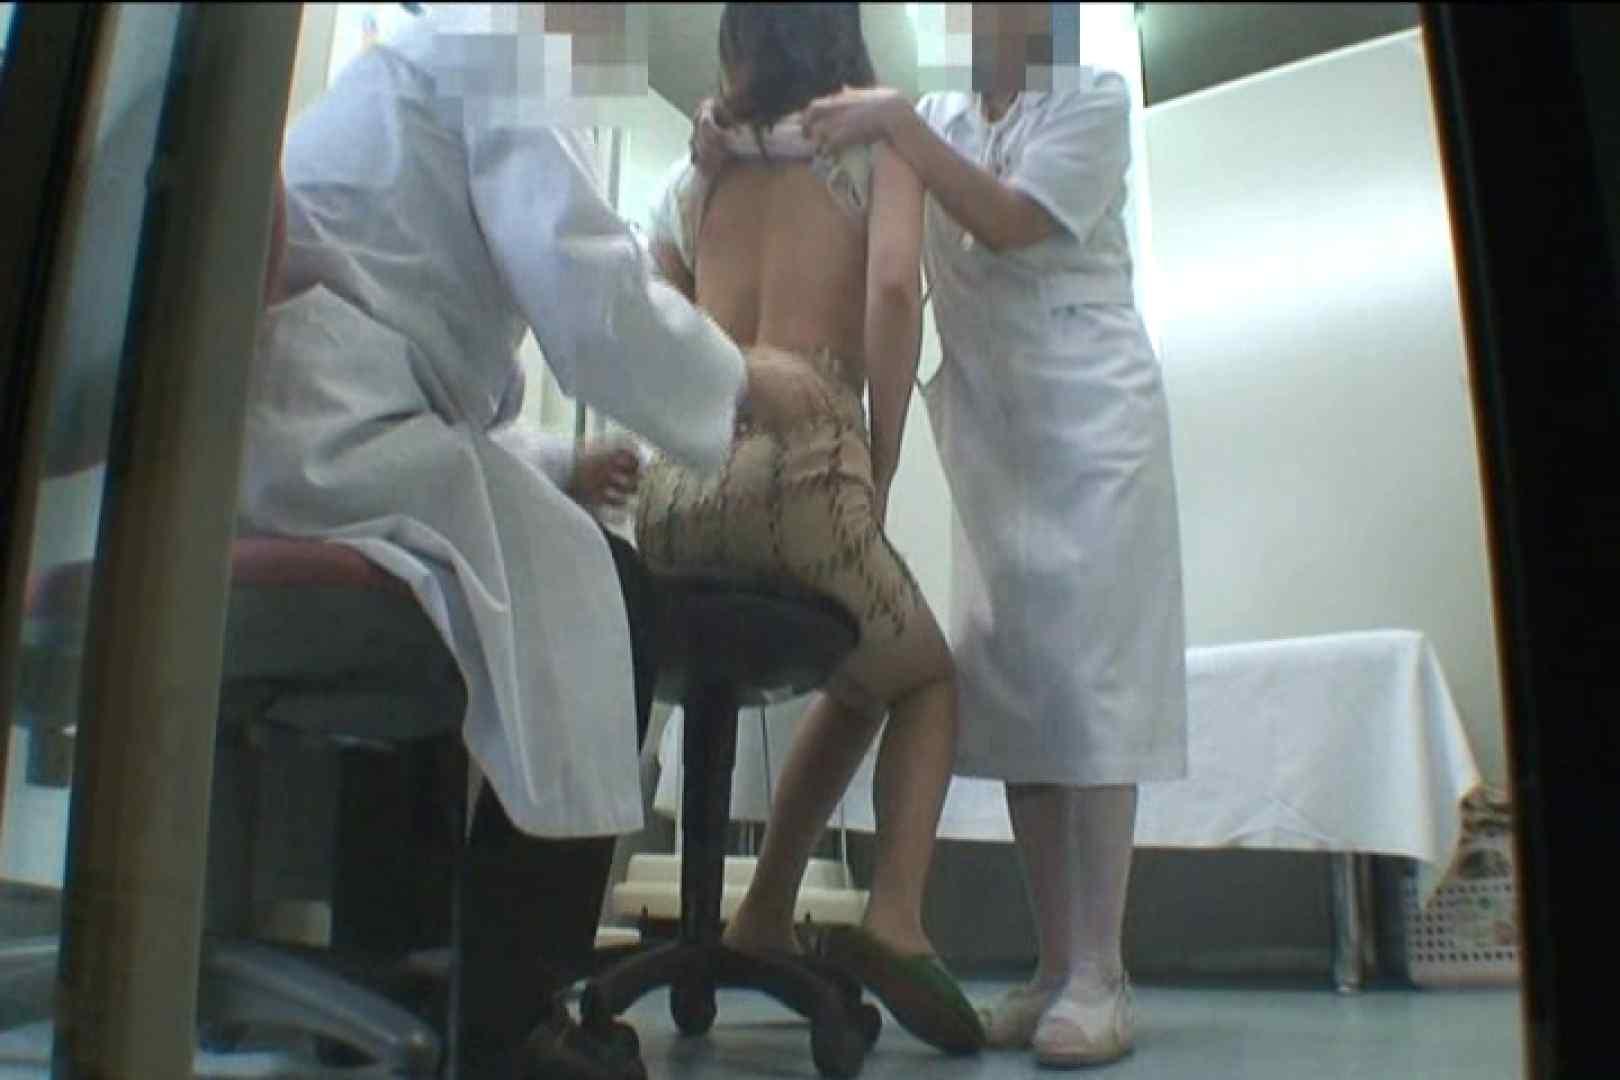 患者のおまんこをコレクションする変態医師の流出映像Vol.4 エロティックなOL アダルト動画キャプチャ 83画像 59